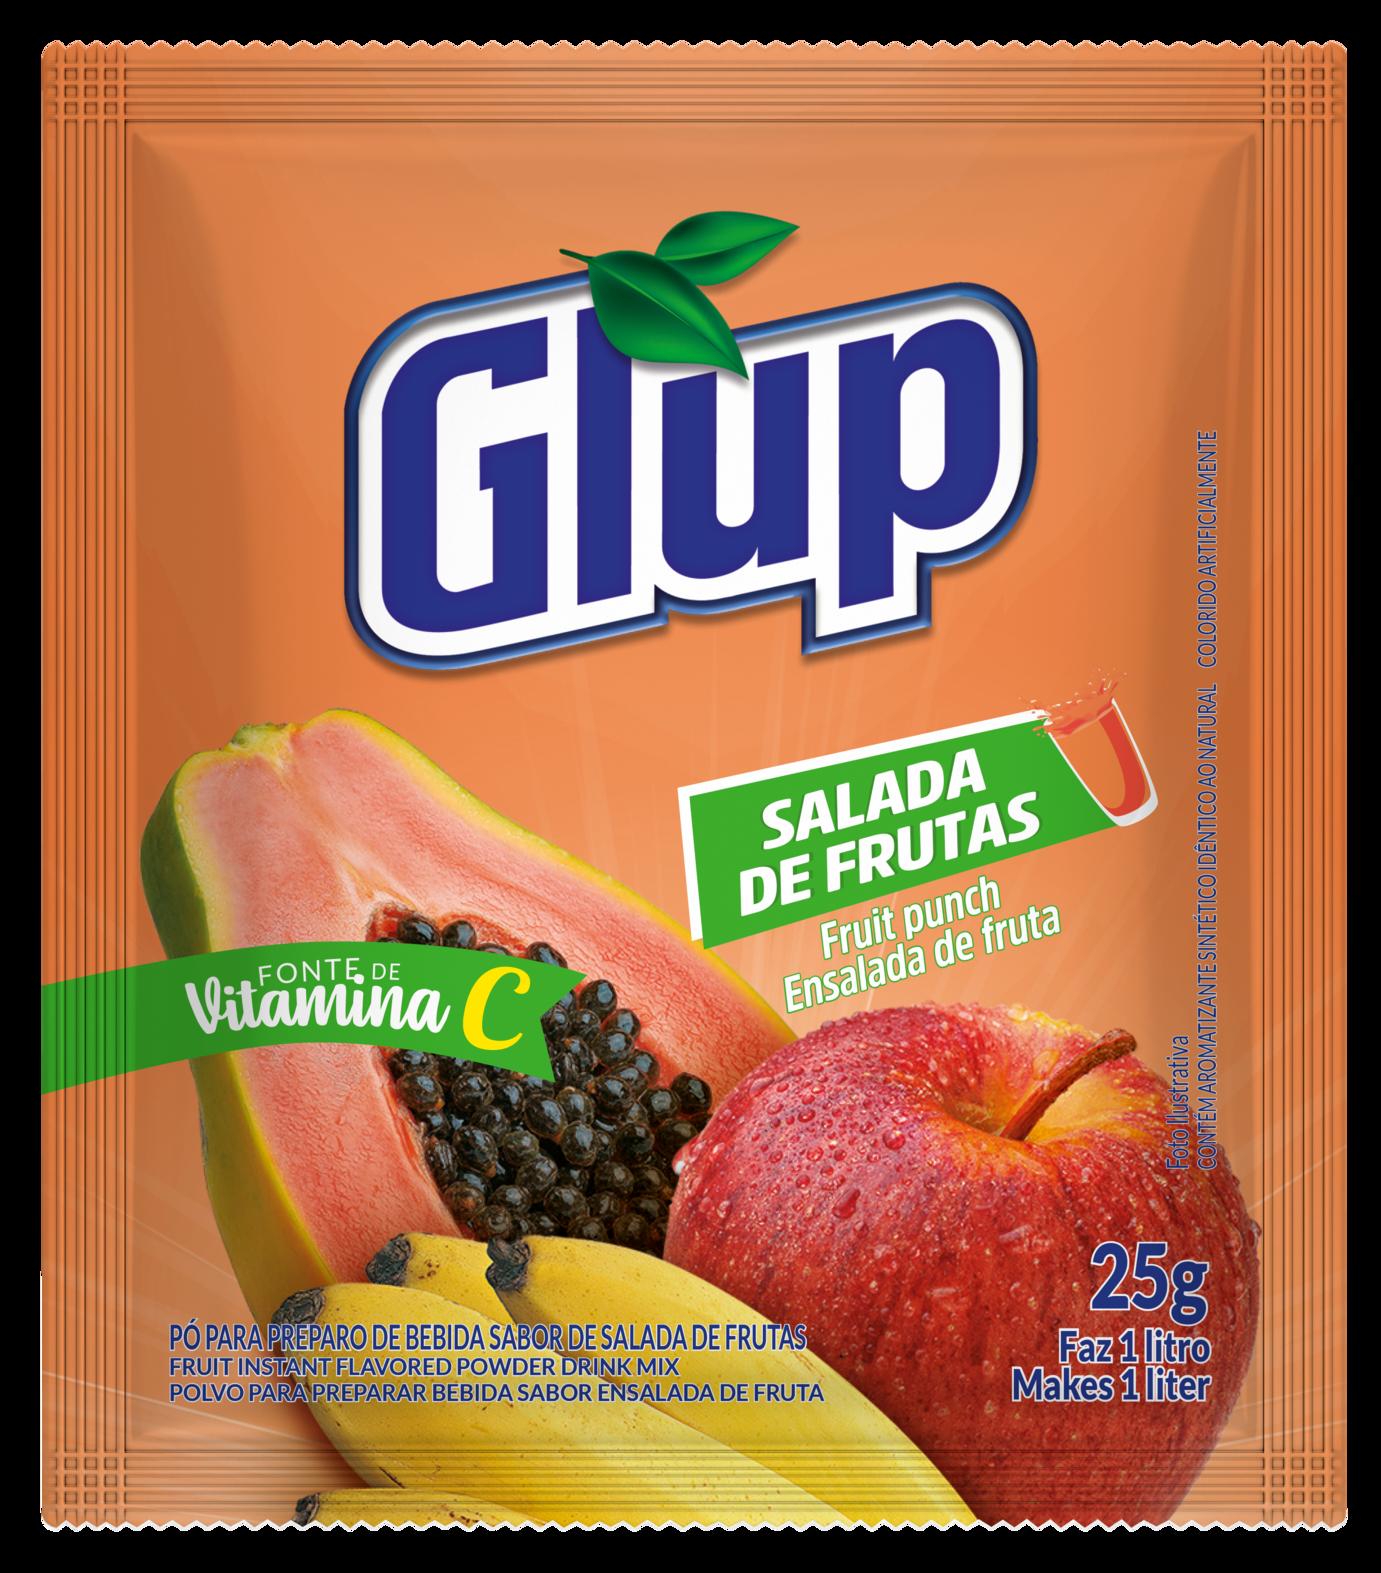 GLUP 25g – Salada de Frutas